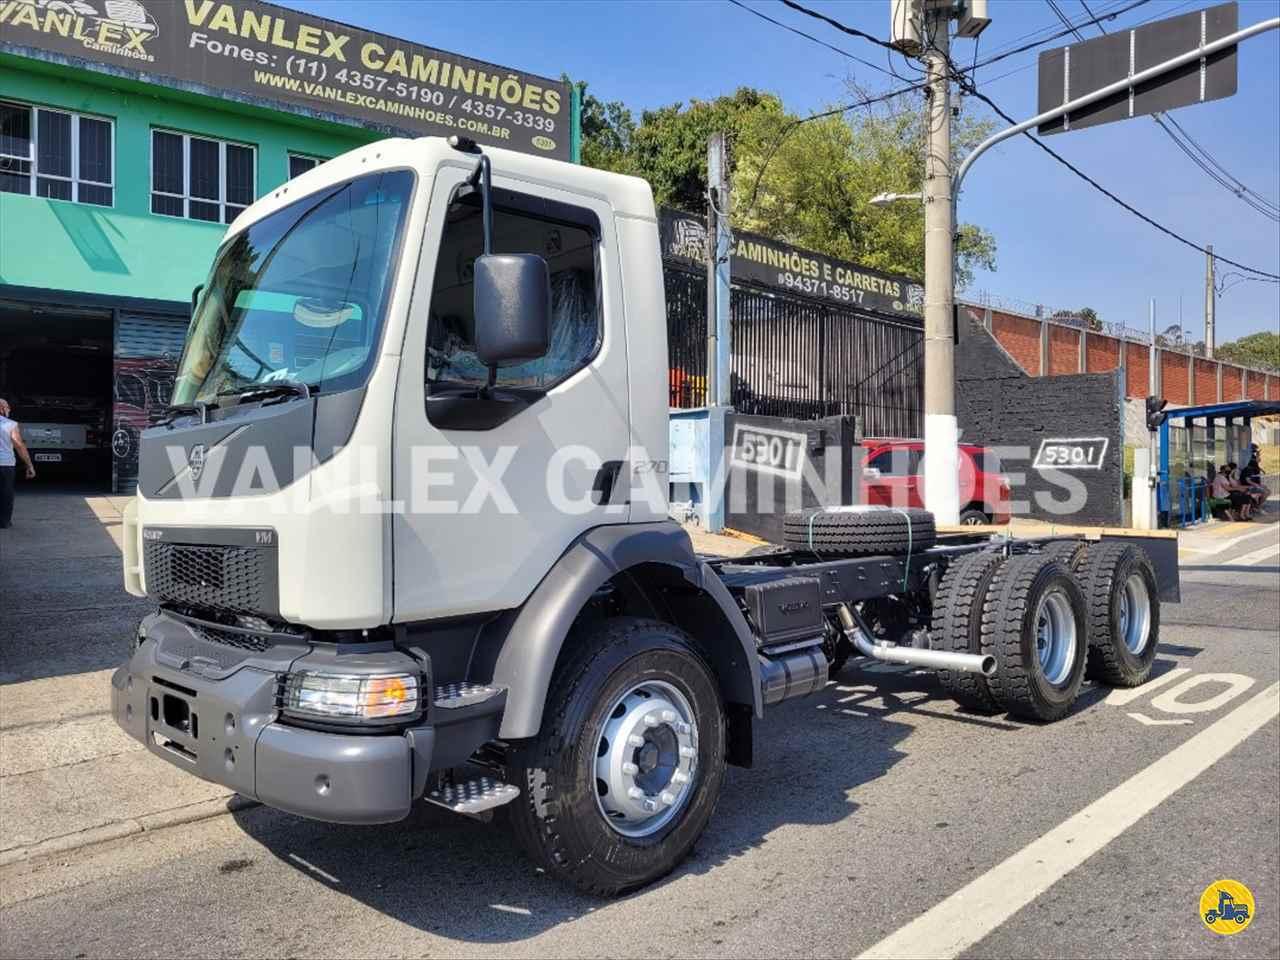 CAMINHAO VOLVO VOLVO VM 270 Chassis Traçado 6x4 Vanlex Caminhões SAO BERNARDO DO CAMPO SÃO PAULO SP